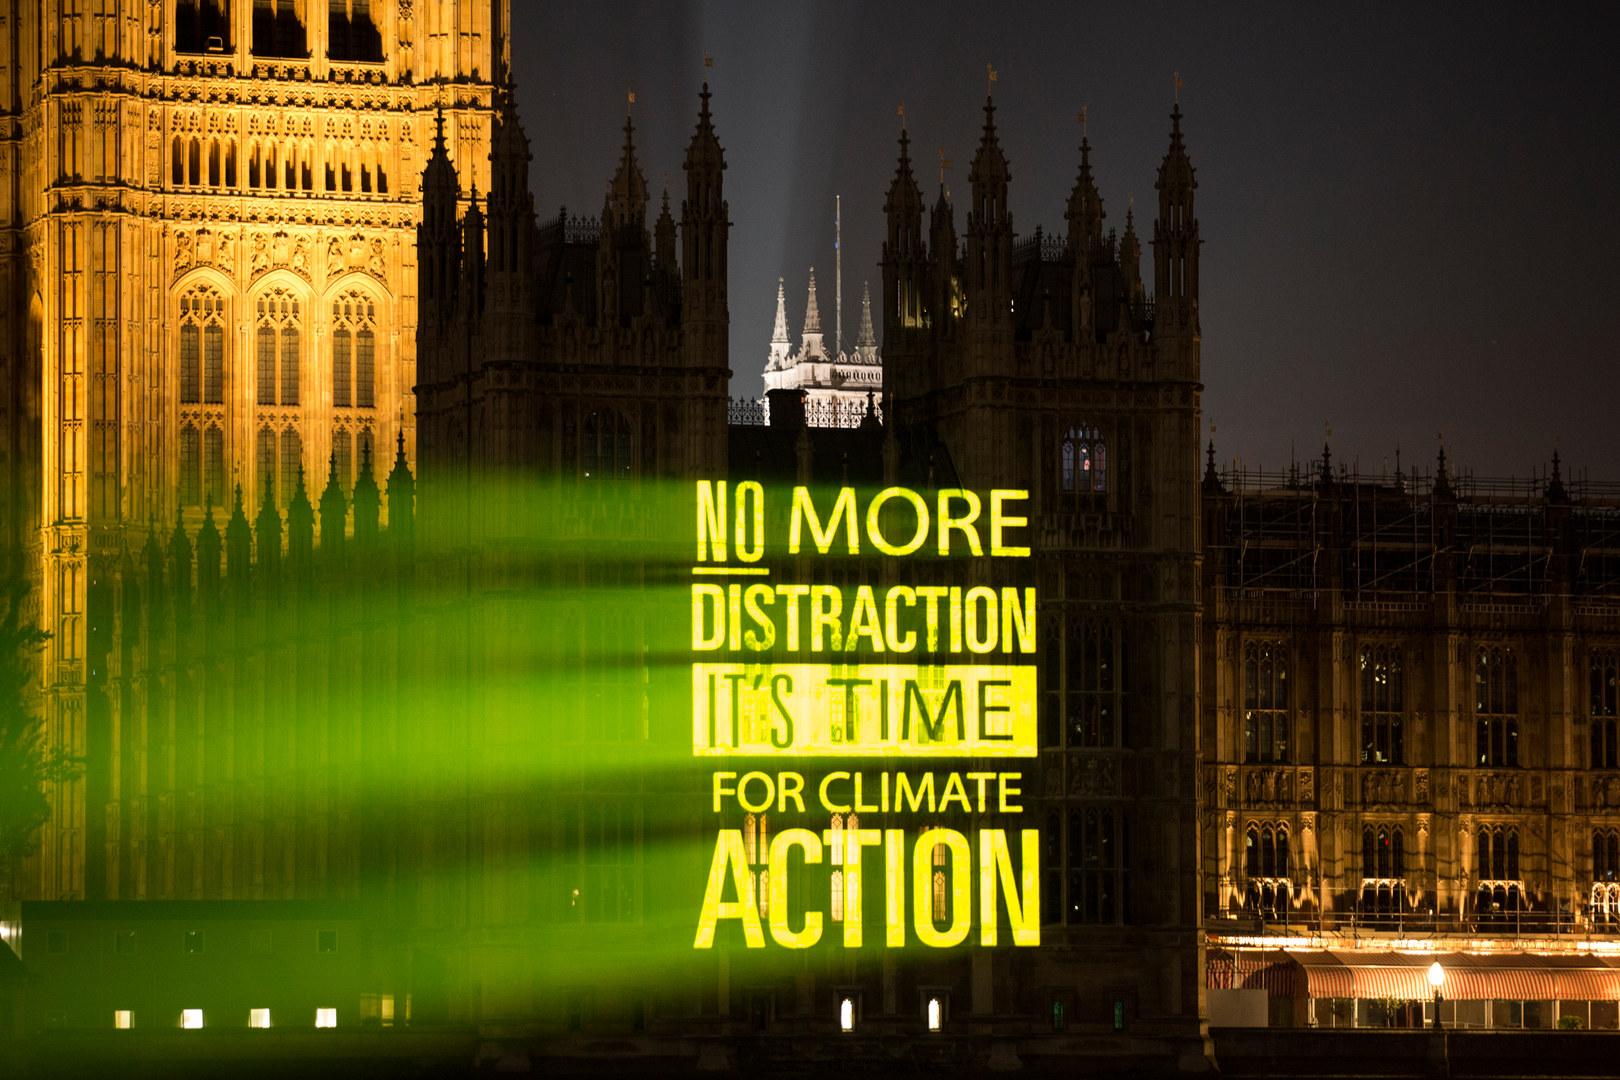 ClimateStrike_Campaign_POW_001.jpg